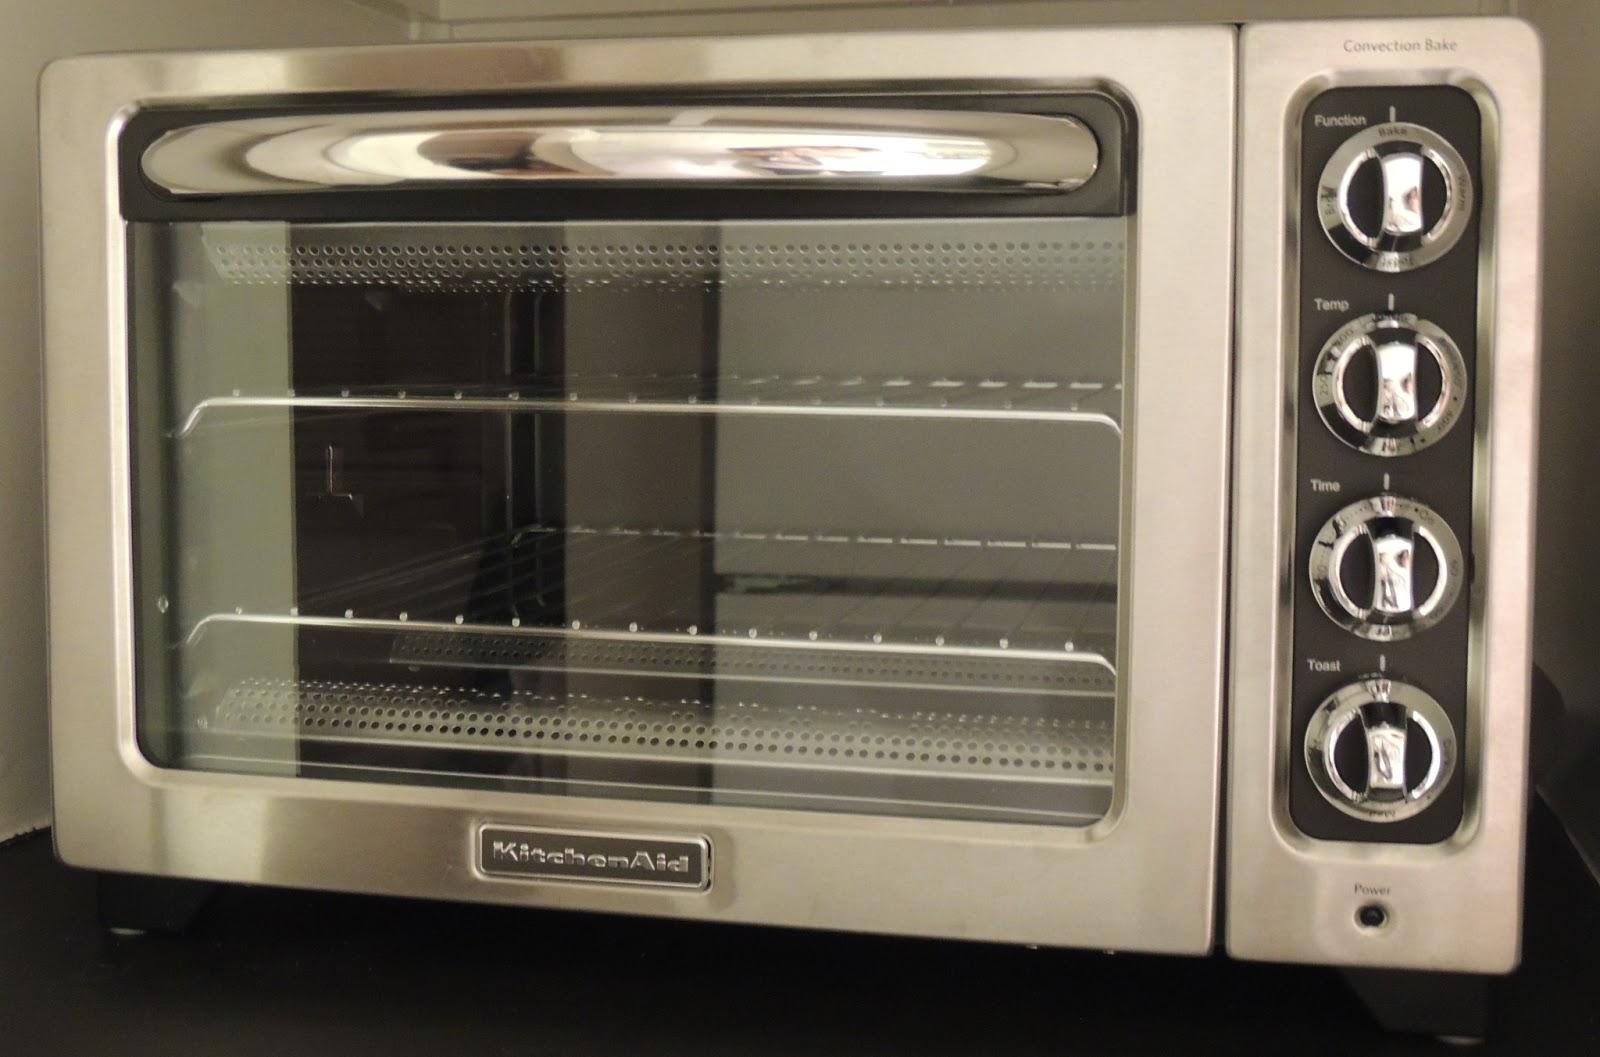 Kitchenaid Countertop Convection Oven Costco : found a KitchenAid convection countertop oven: